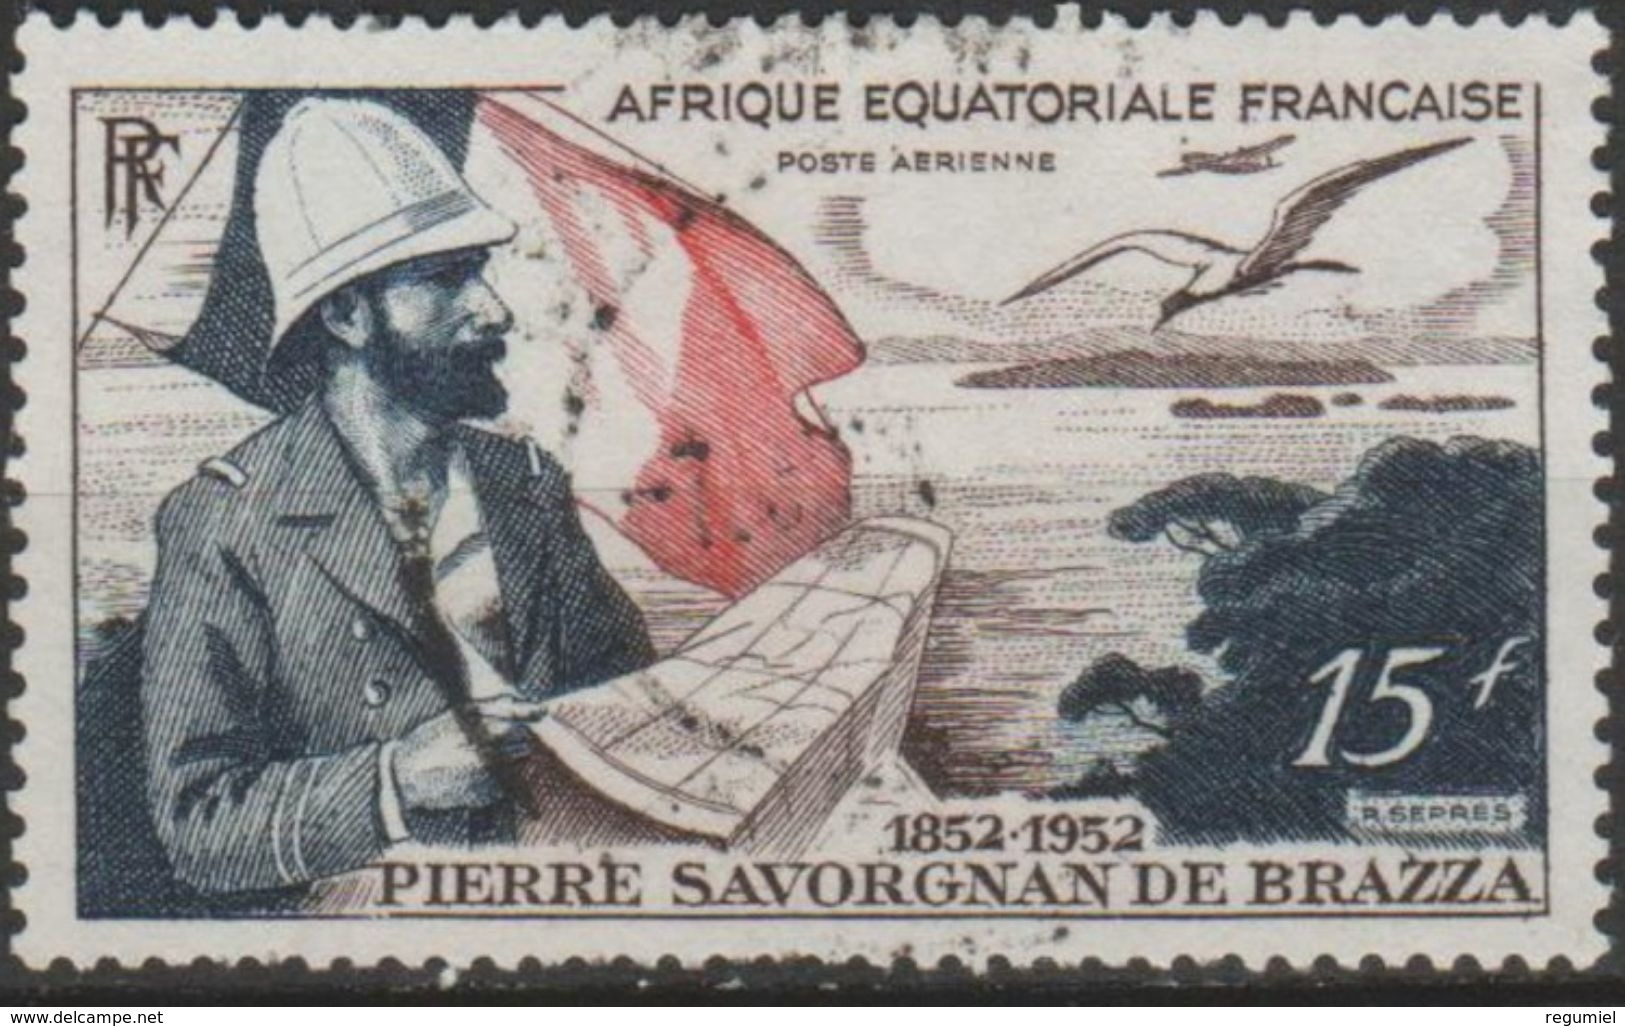 Africa Ecuatorial Francesa Aereo Usado U 55 (o) Foto Estandar. 1951 - Usados